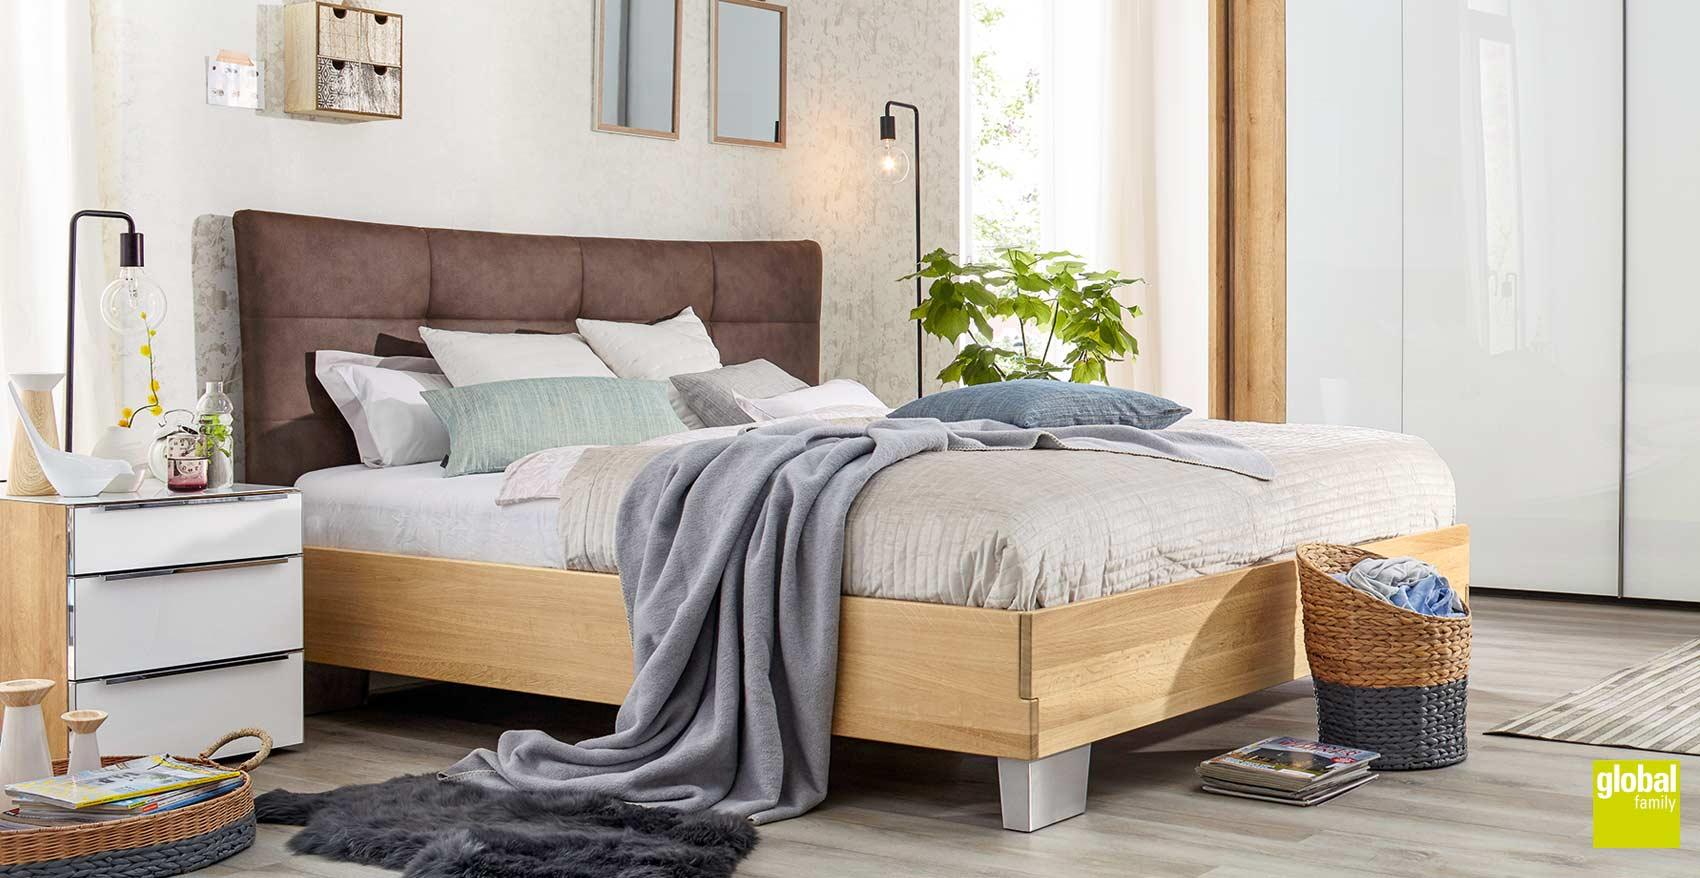 Schlafzimmer von Global Wohnen in Bischofswerda nahe Dresden ...